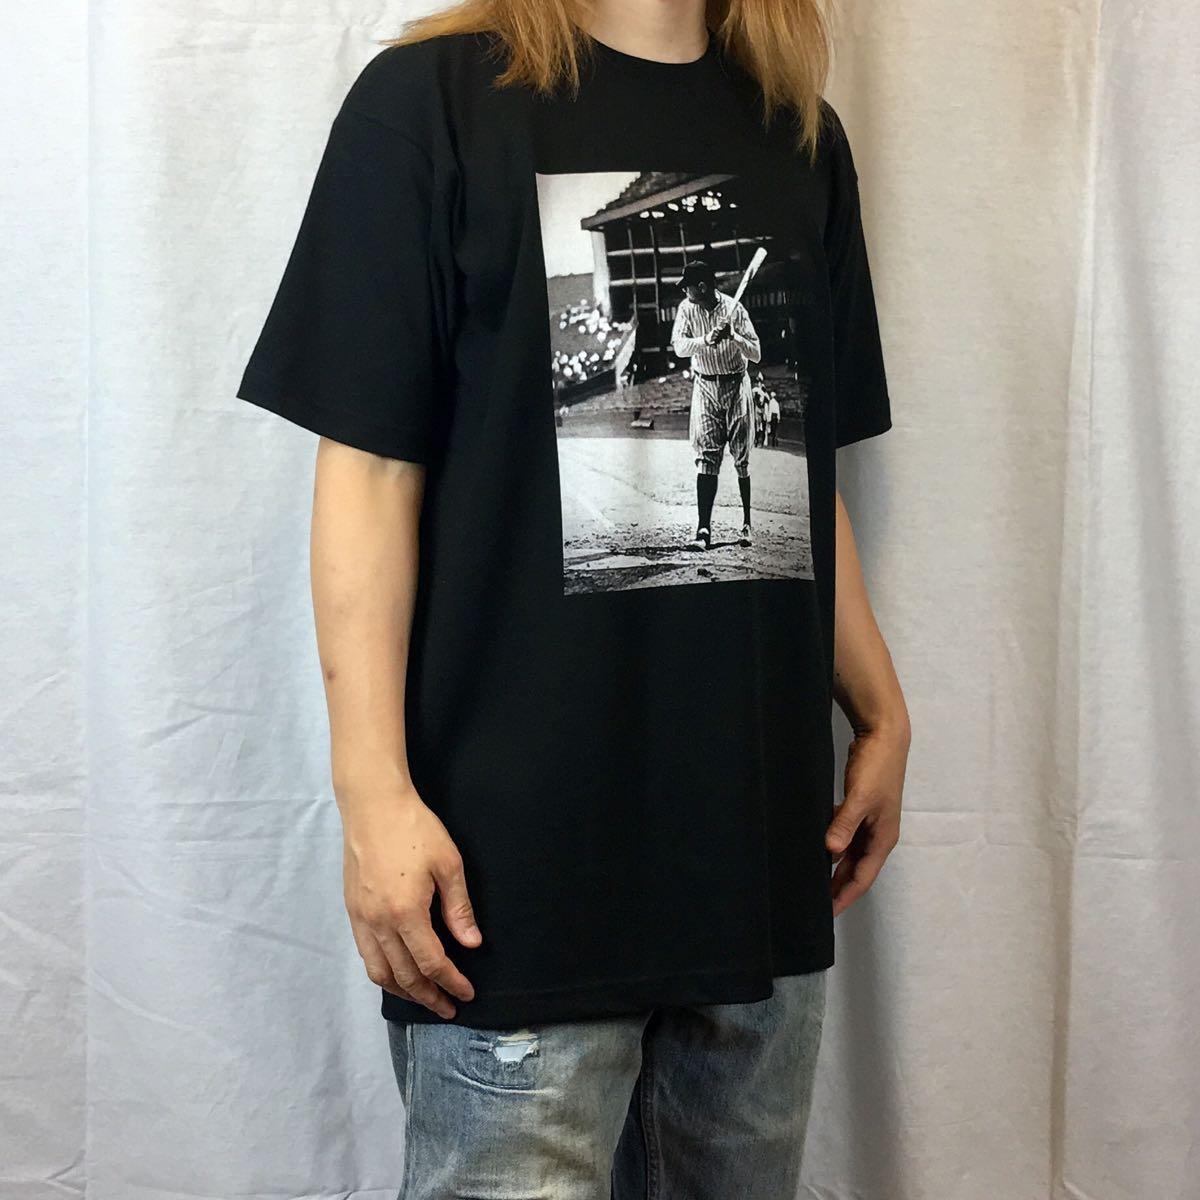 新品 大きい サイズ 専門 XXL~5XL ベーブルース ニューヨーク NY ヤンキース オーバー シルエット ビッグ 黒 Tシャツ ロンT 長袖 対応 OK_画像2